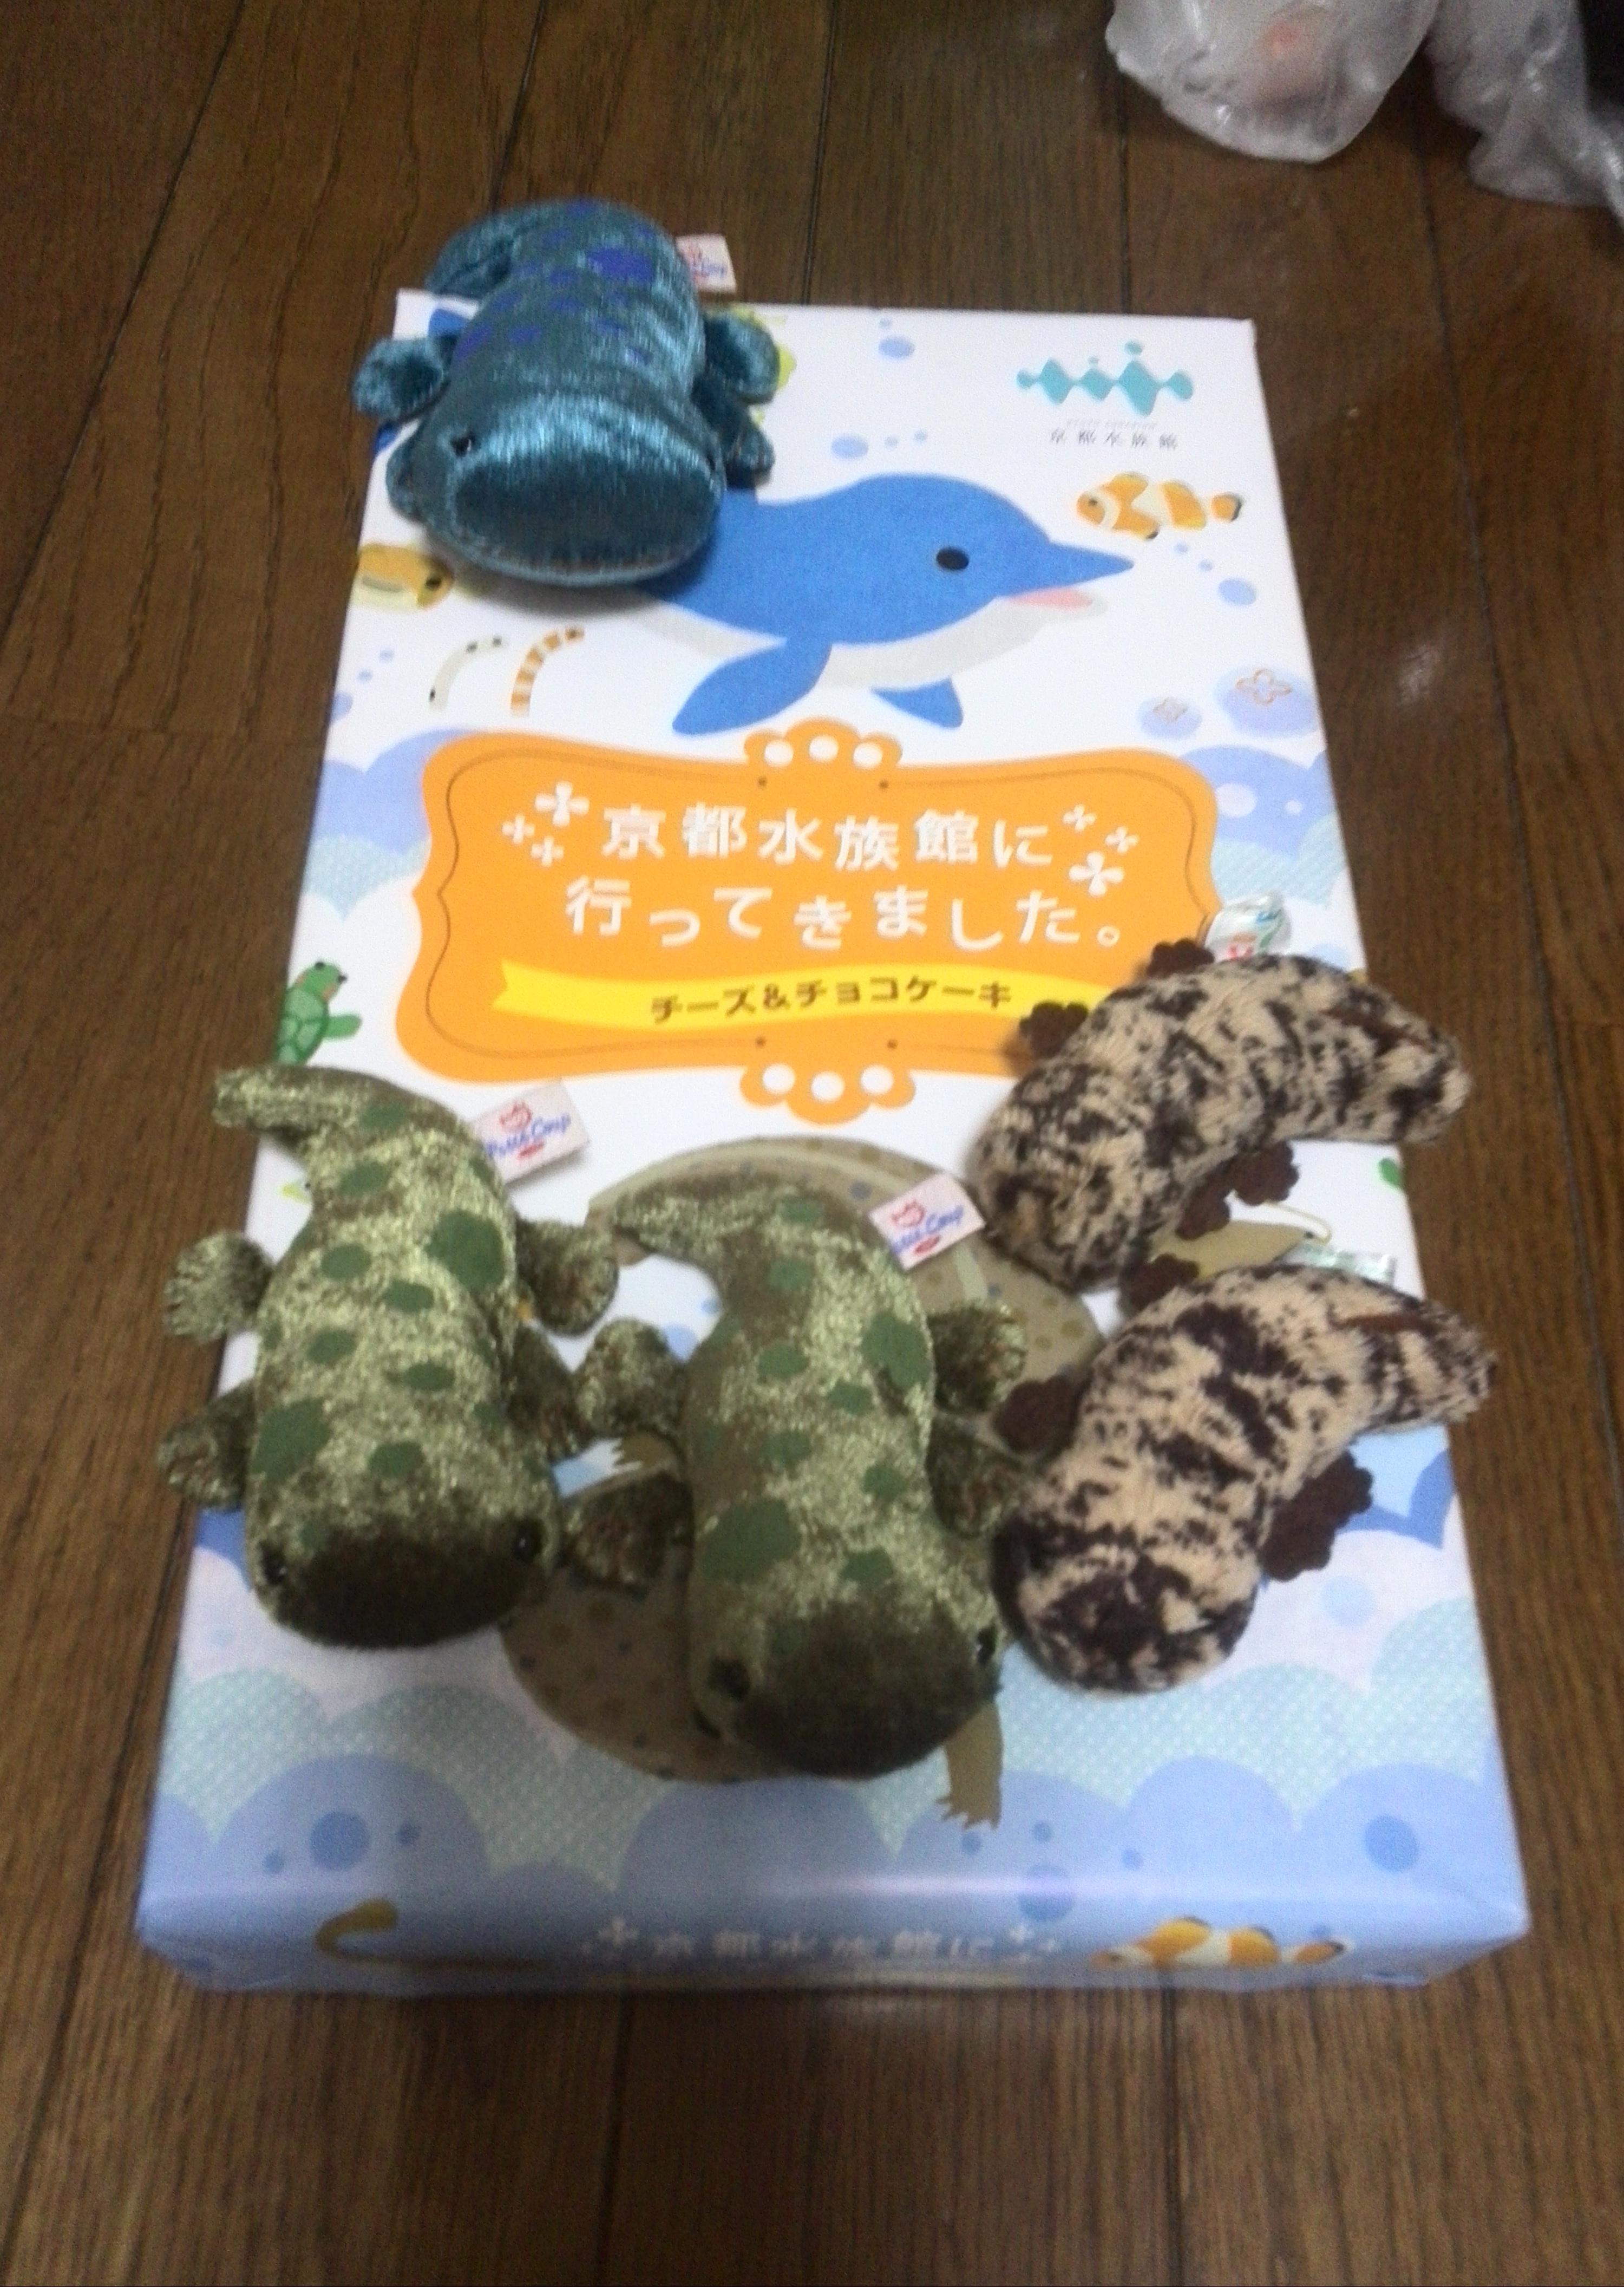 京都水族館の買った物